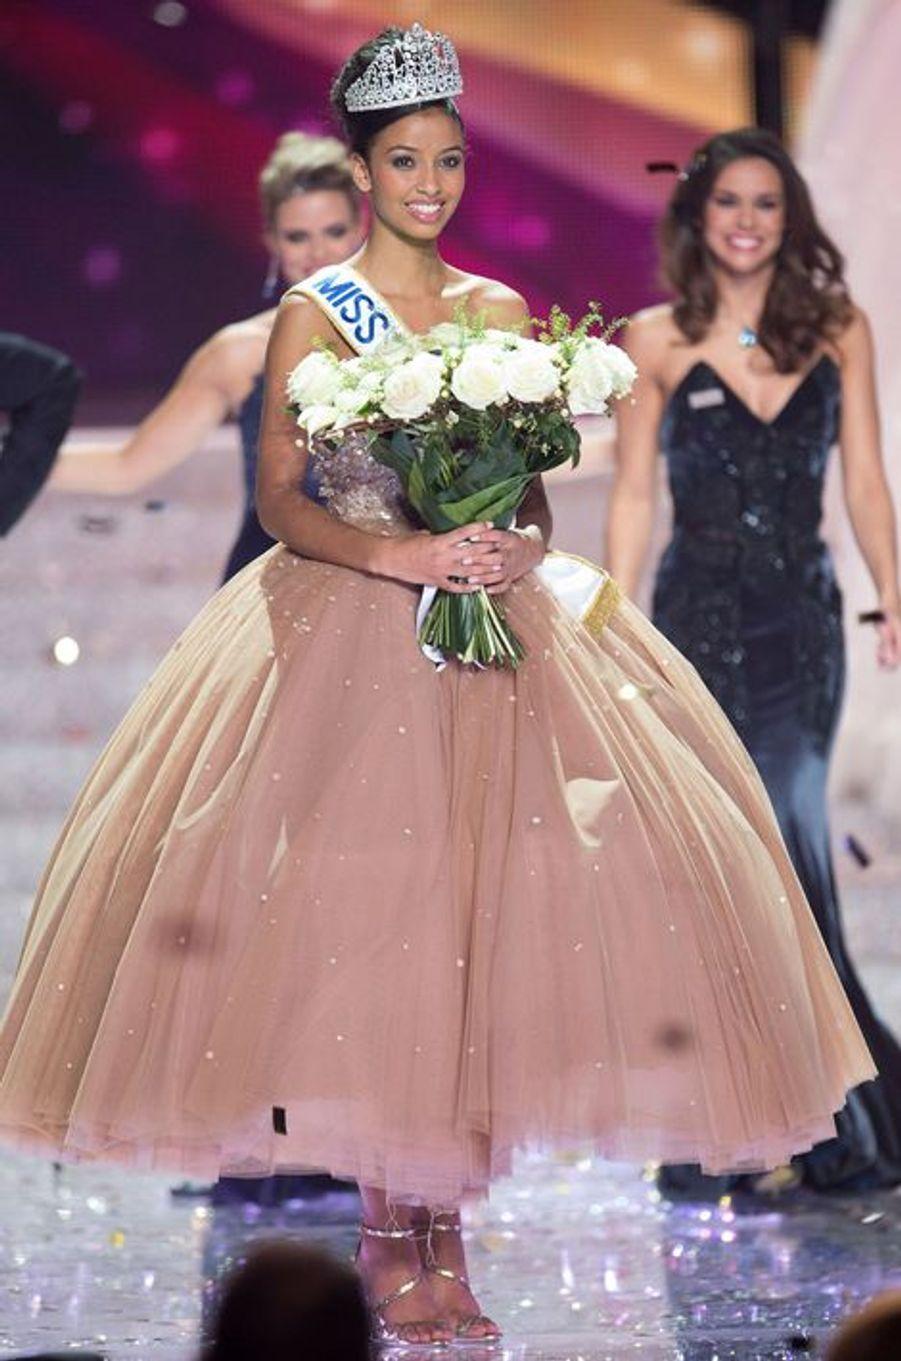 Flora Coquerel est élue Miss France 2014 à Dijon, le 8 décembre 2013